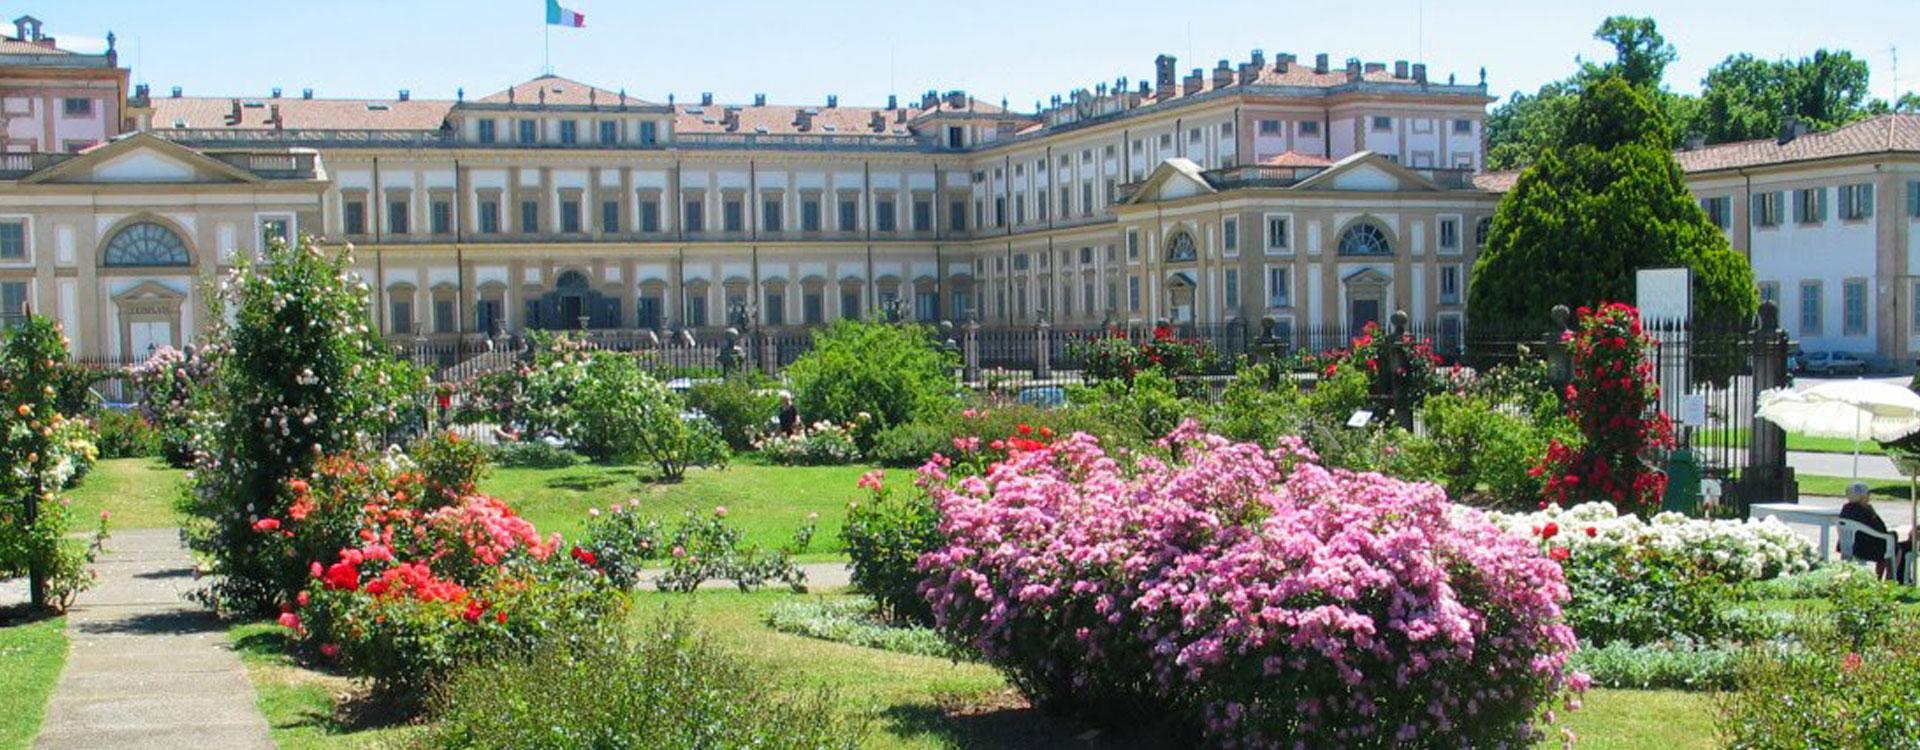 Cover Villa Reale di Monza